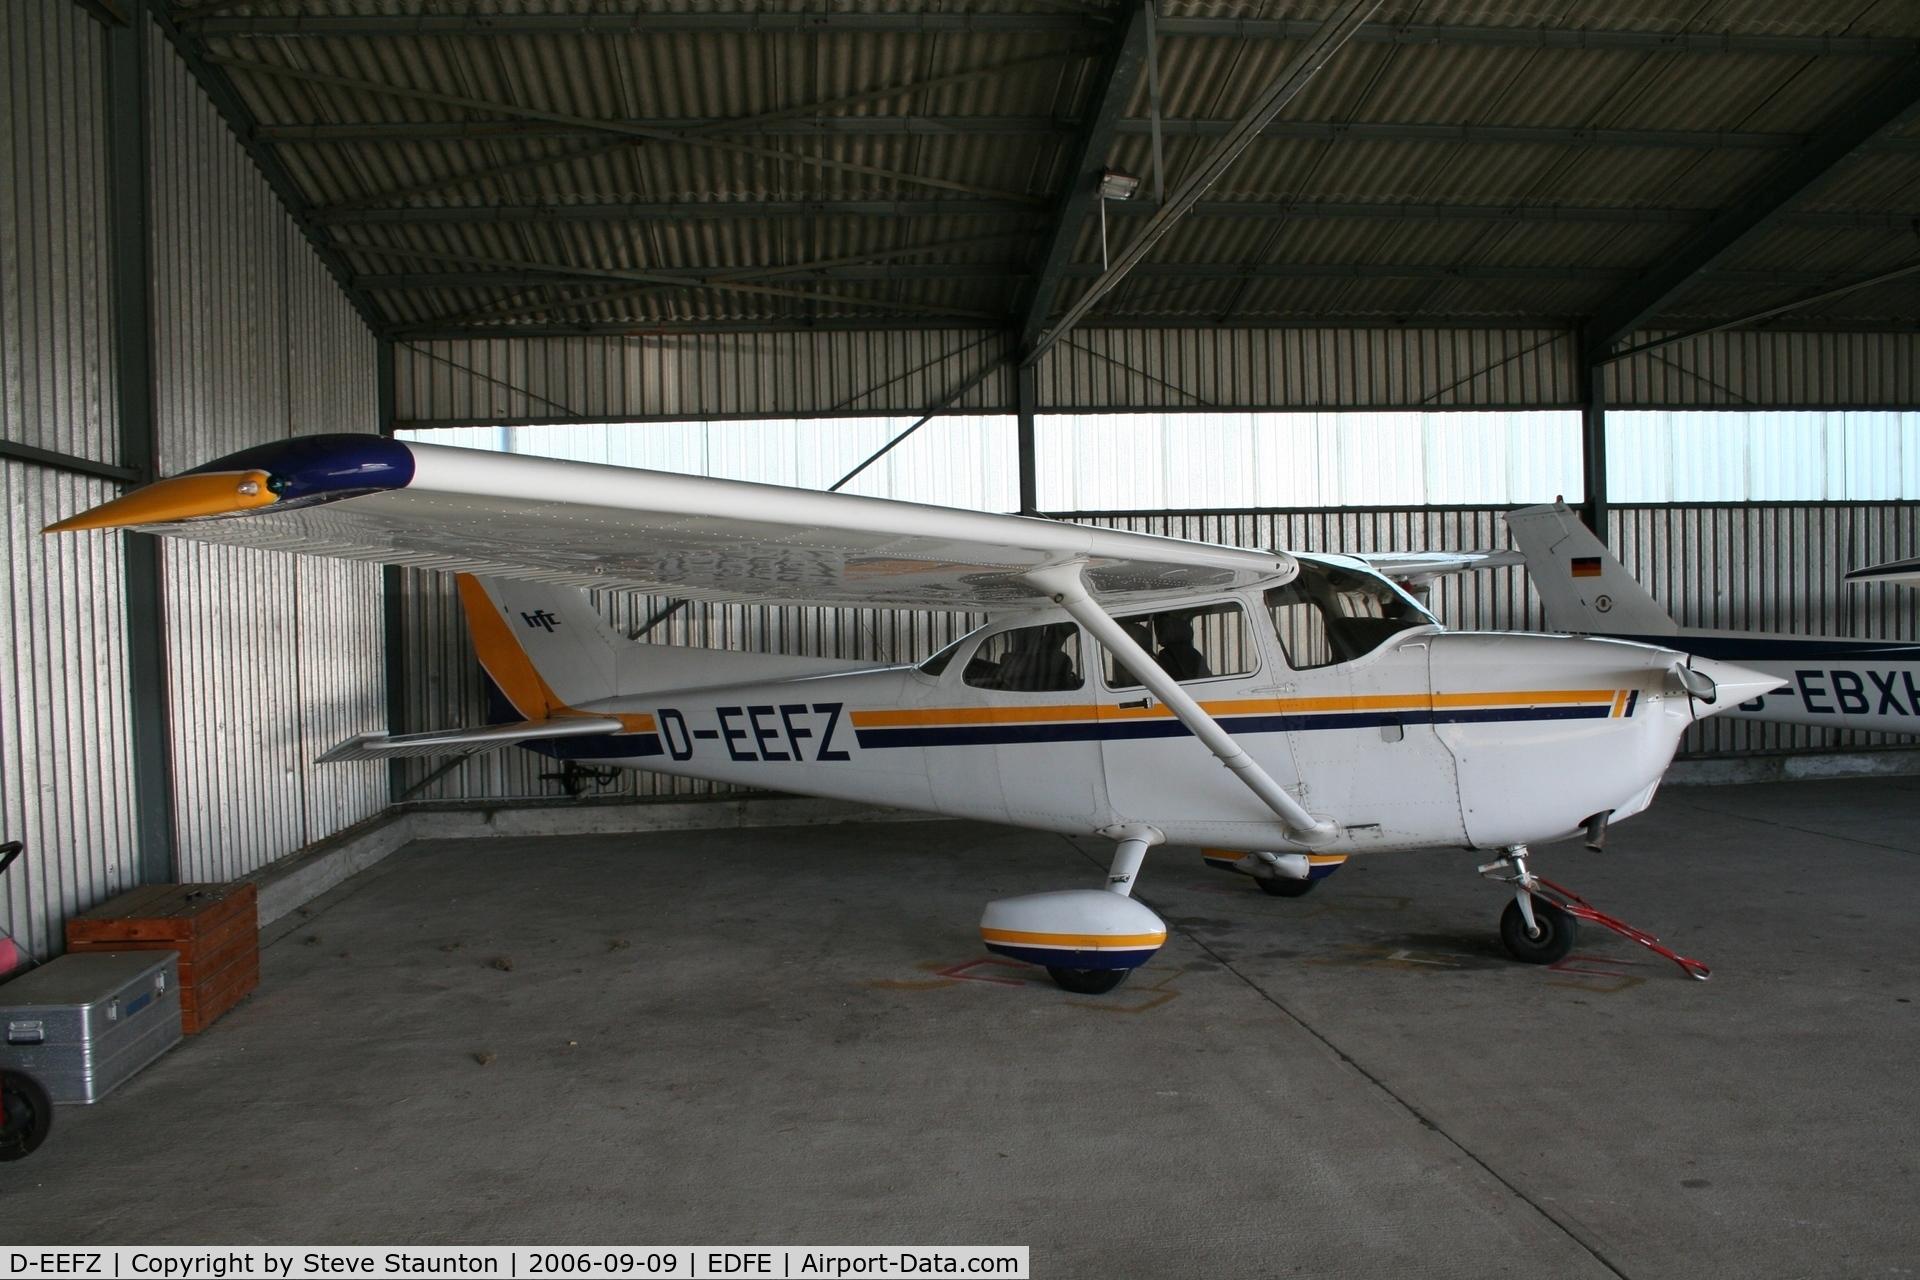 D-EEFZ, Cessna 172R Skyhawk C/N 17280341, Taken at Egelsbach September 2006